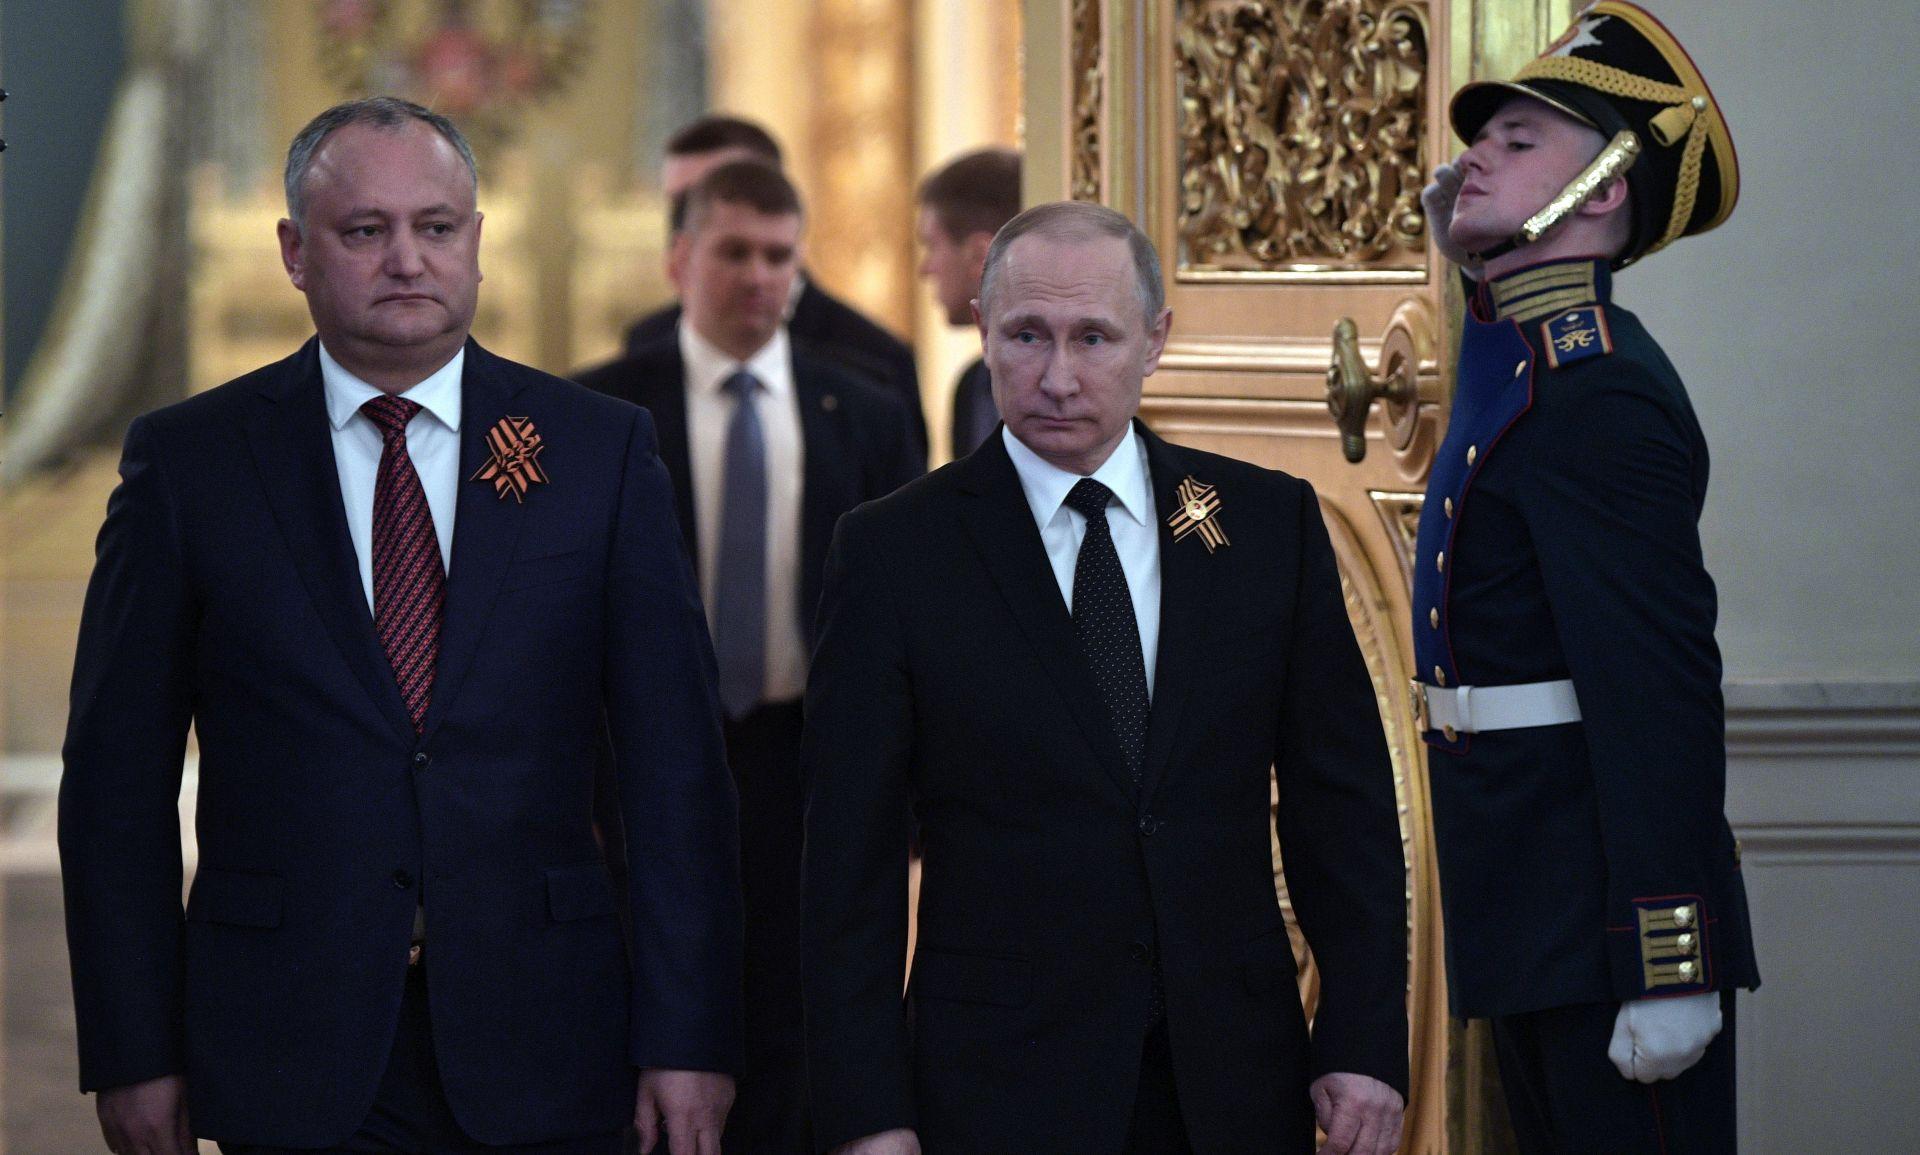 Putin kaže da otpuštanje Comeya neće utjecati na američko-ruske odnose